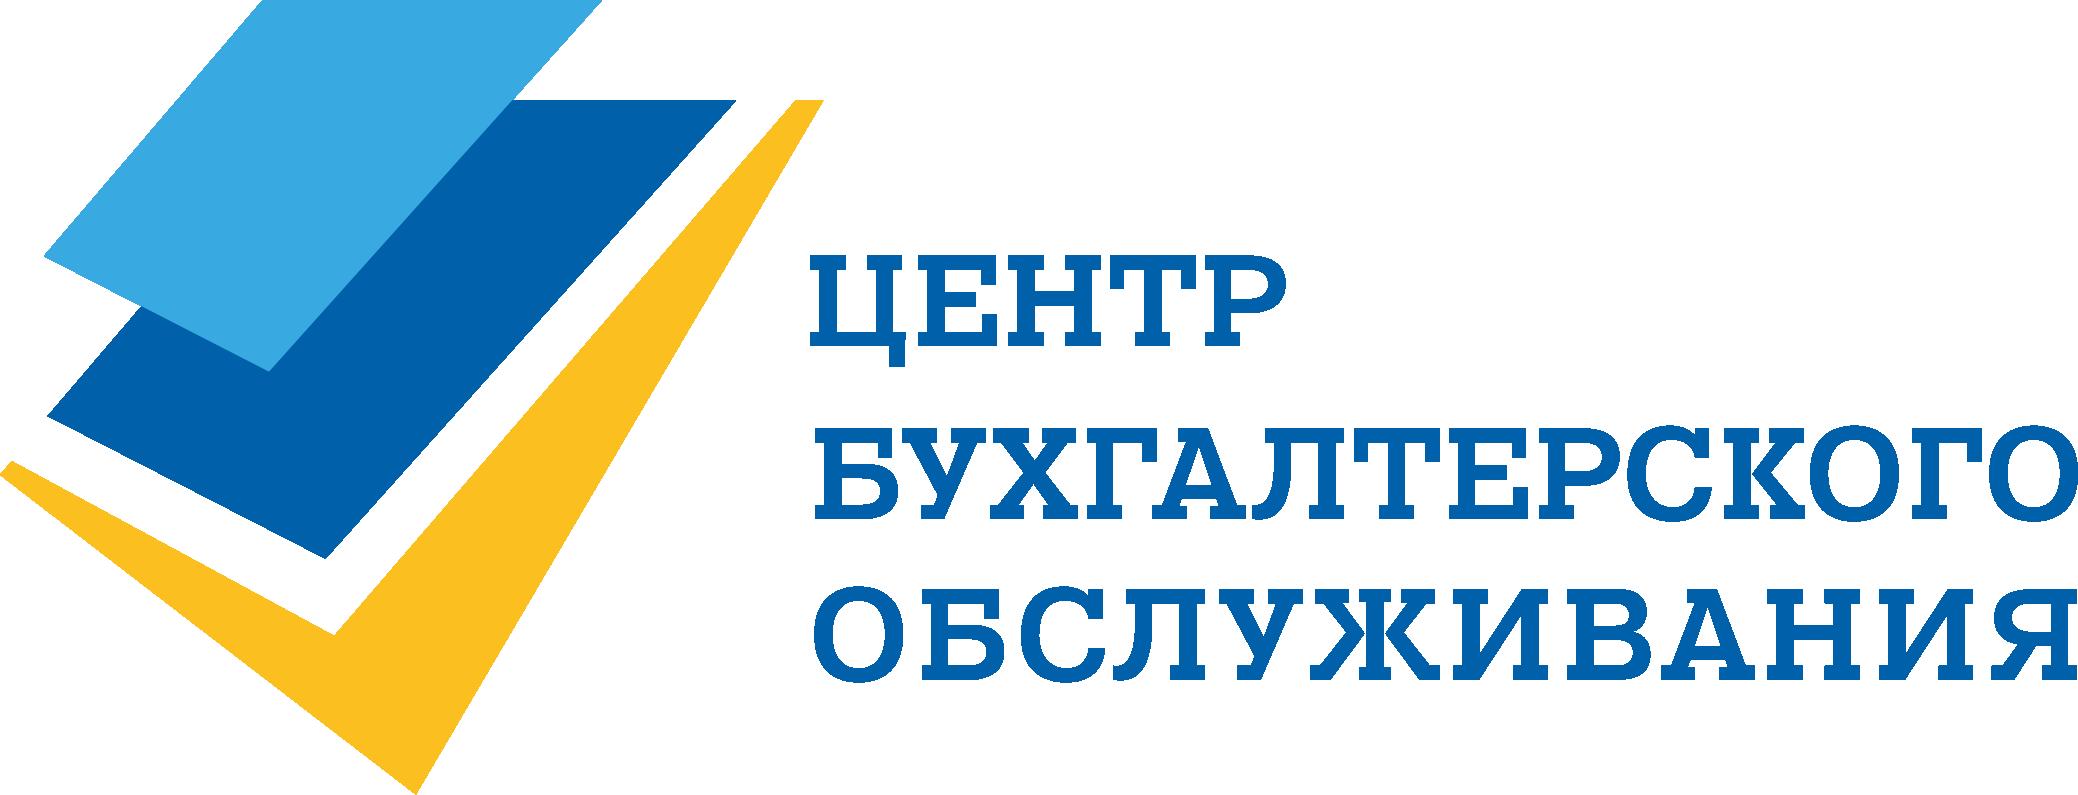 Вакансии центр бухгалтерского обслуживания упрощенная отчетность на предприятии с нулевыми показателями